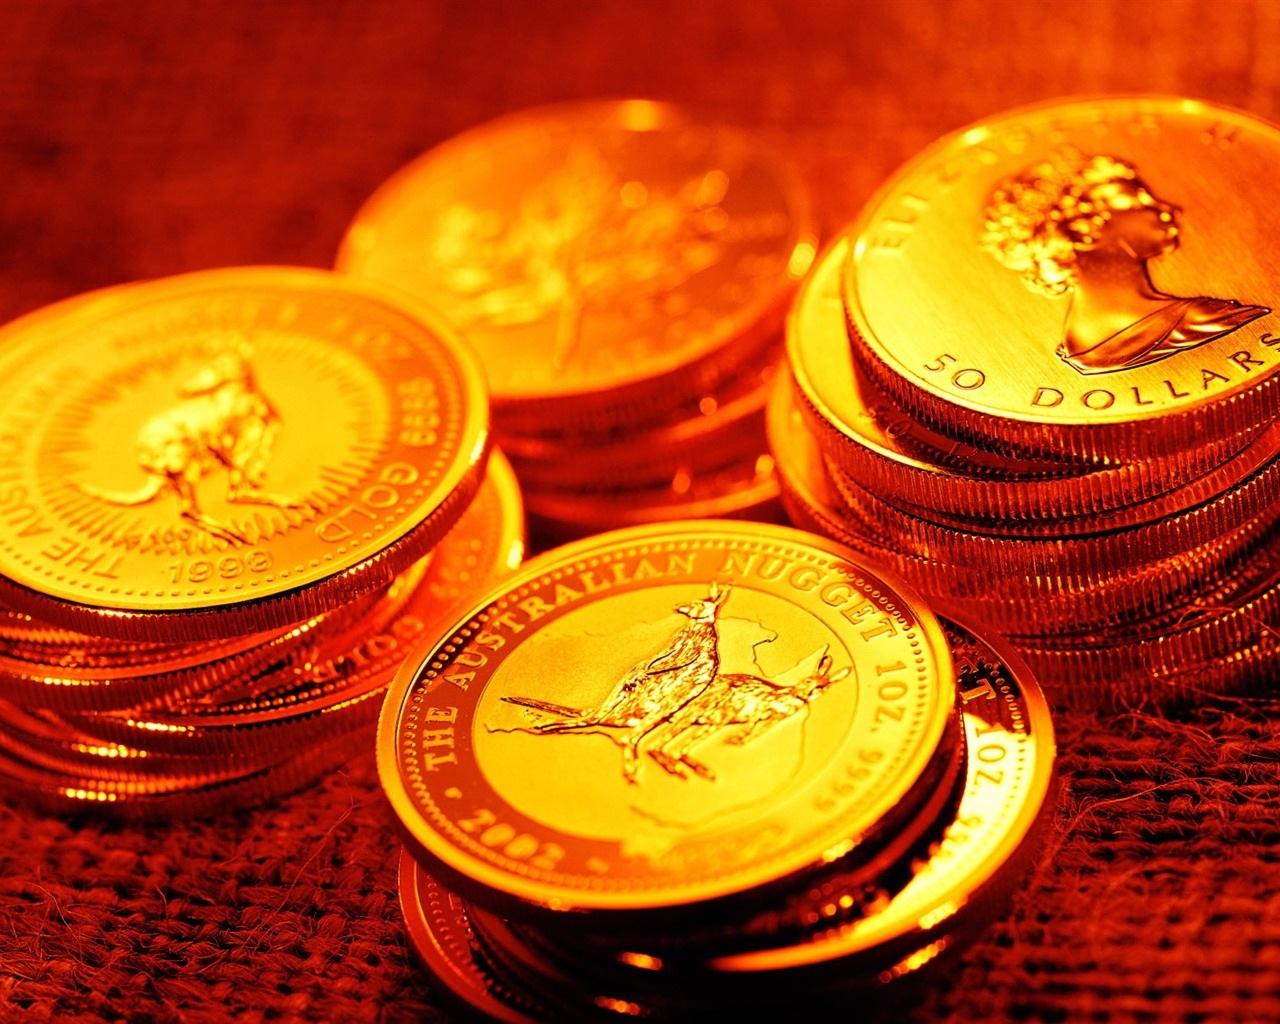 giá vàng hôm nay trên thị trường thế giới giao dịch ở ngưỡng 1.233,30 USD/ounce